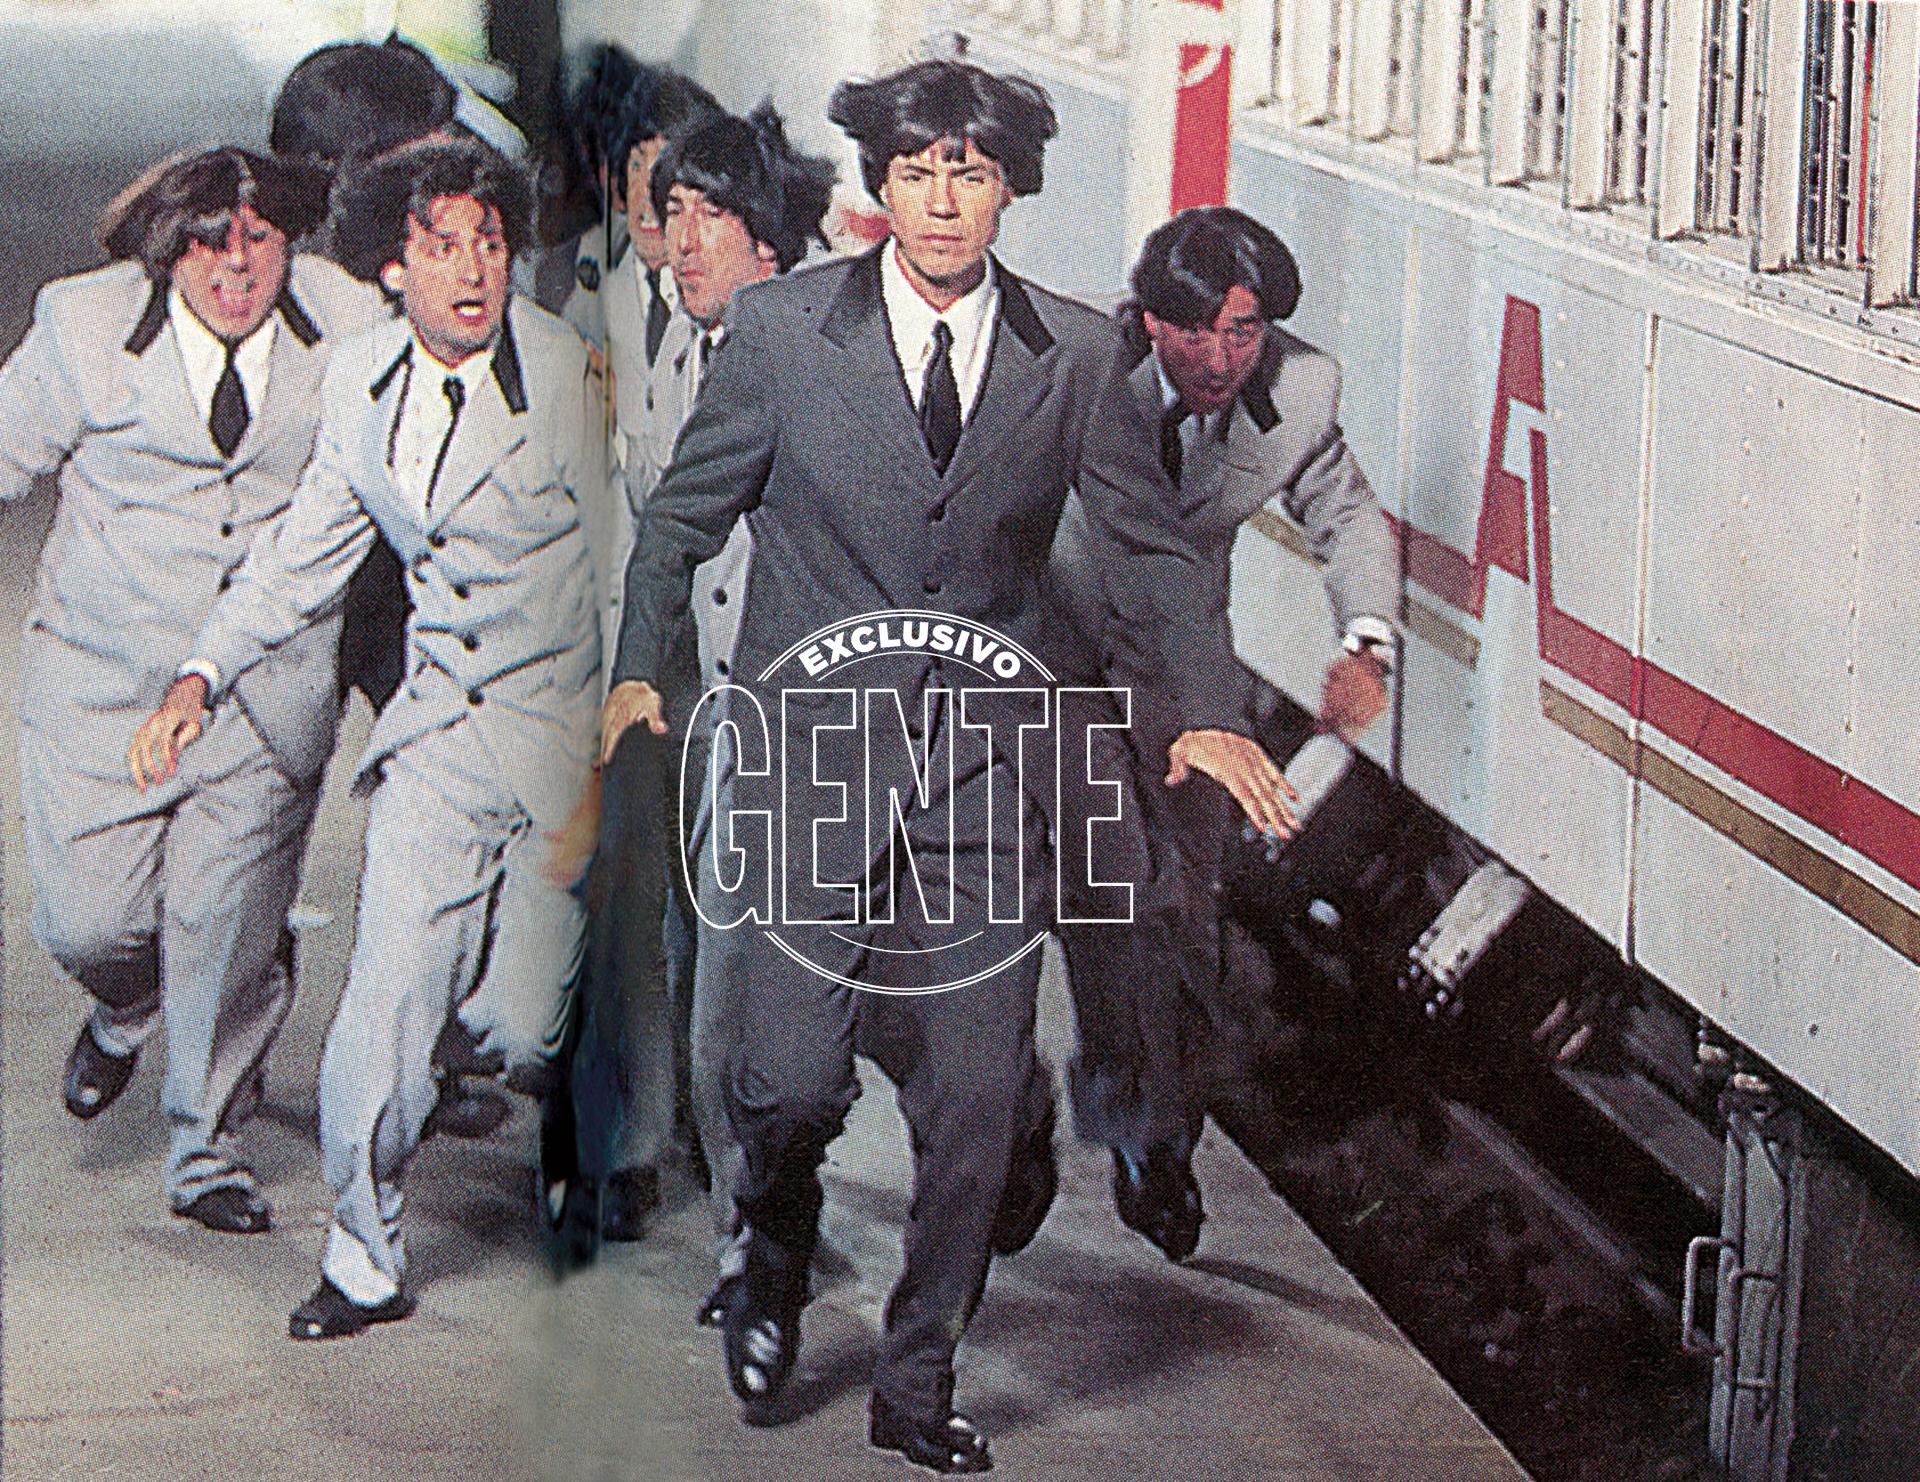 ShowMatchmanía: la superproducción beatlesca que fue un hit.